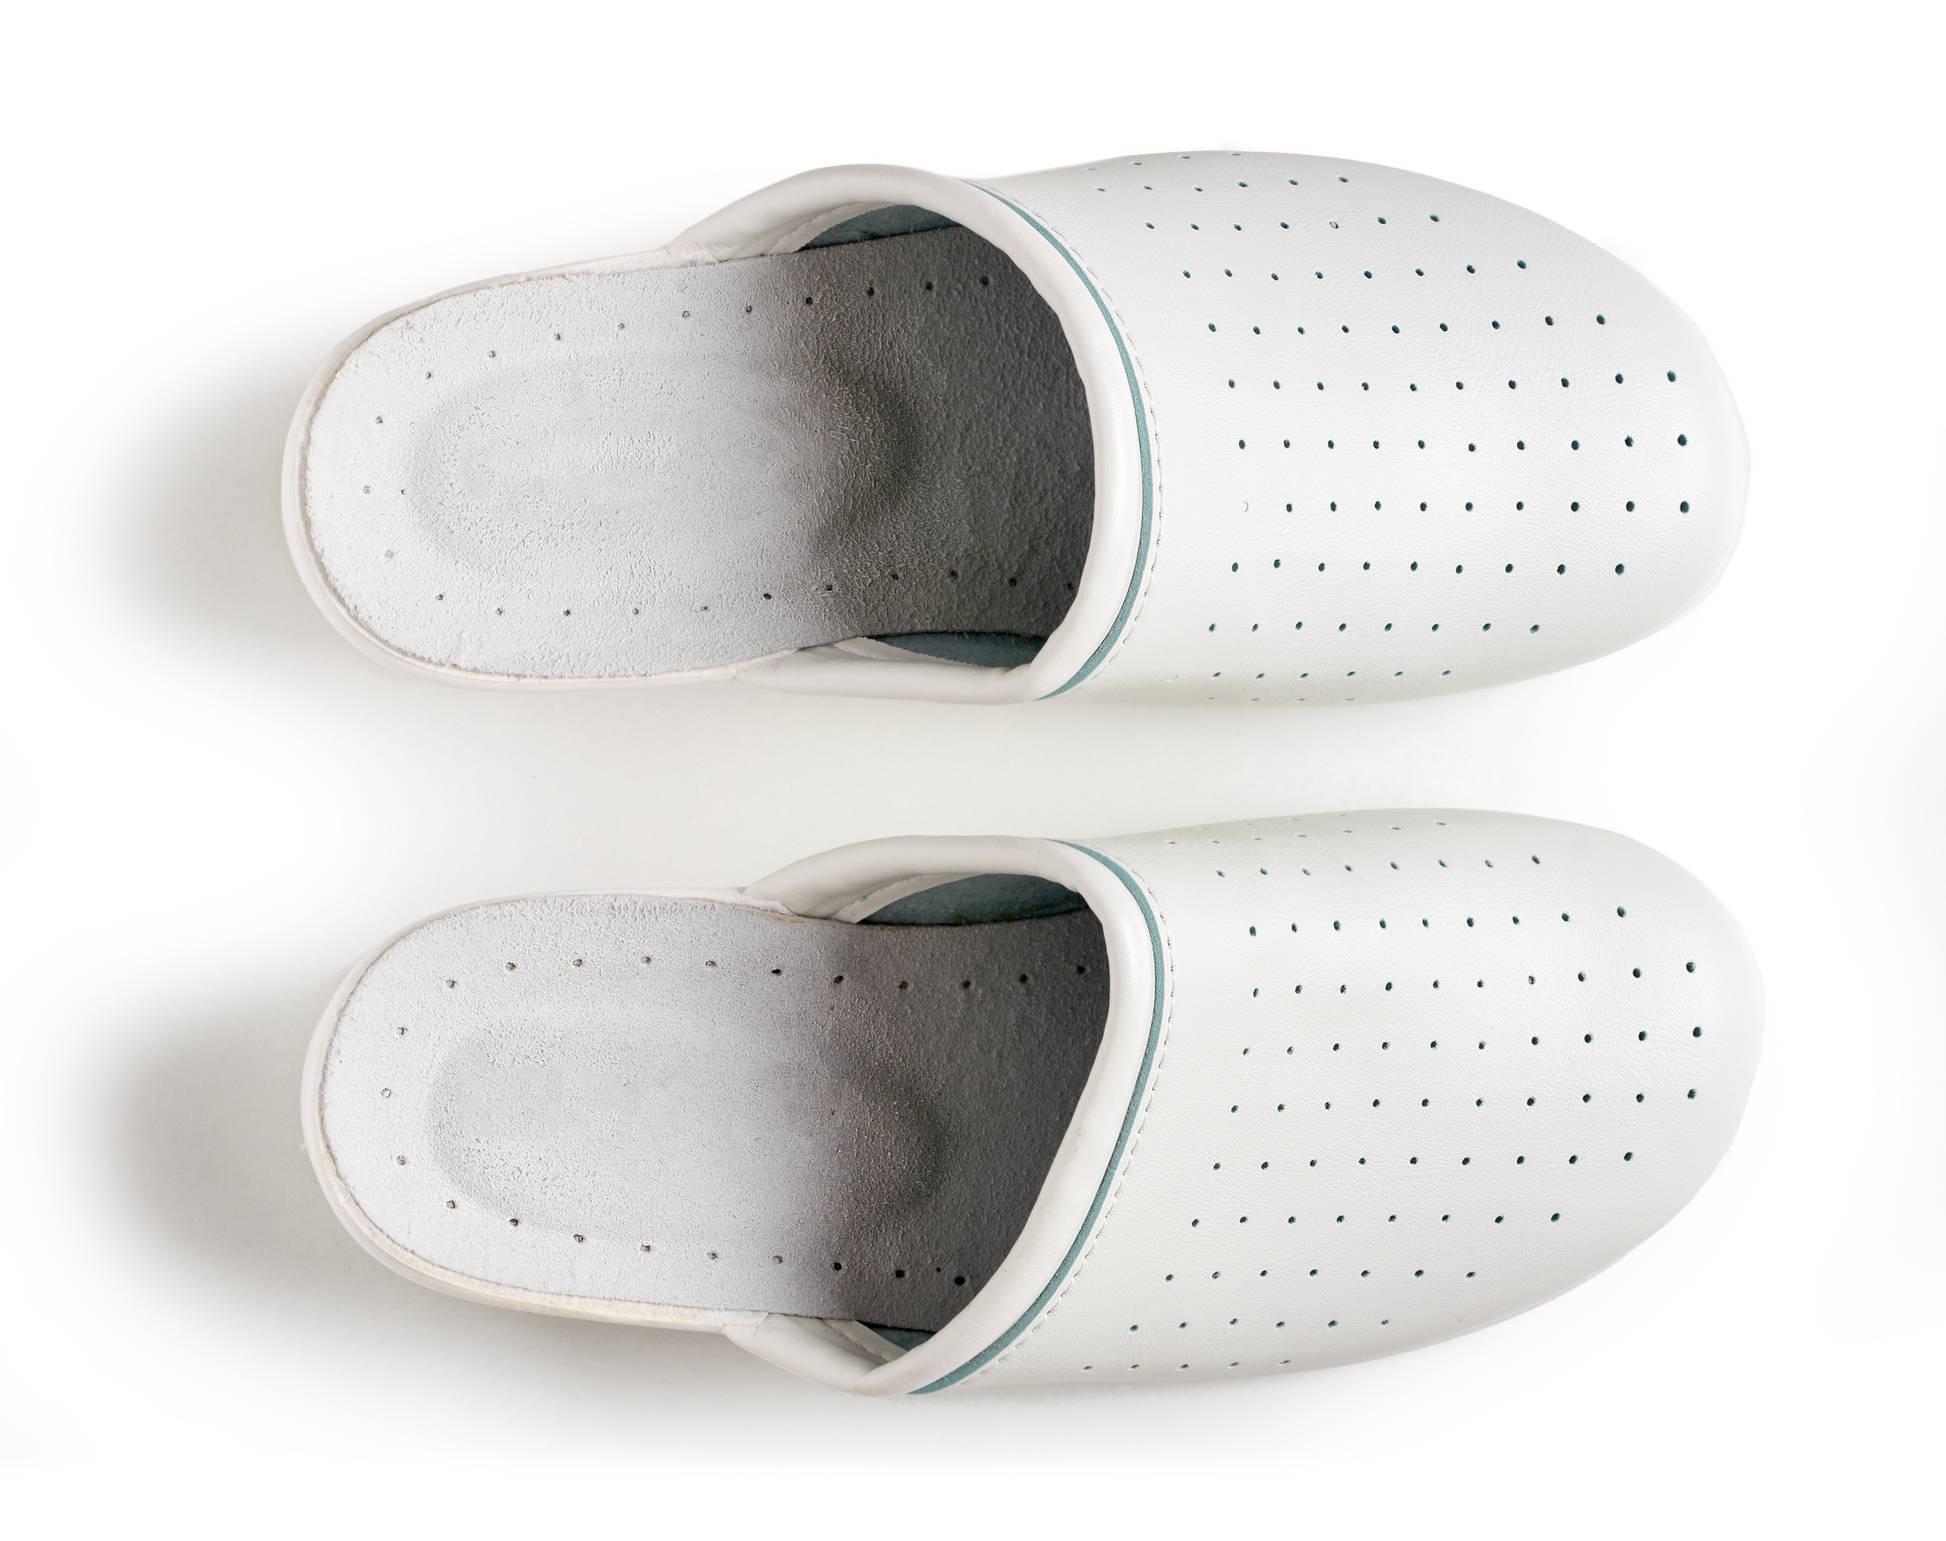 sabots de bloc chaussures milieu médical